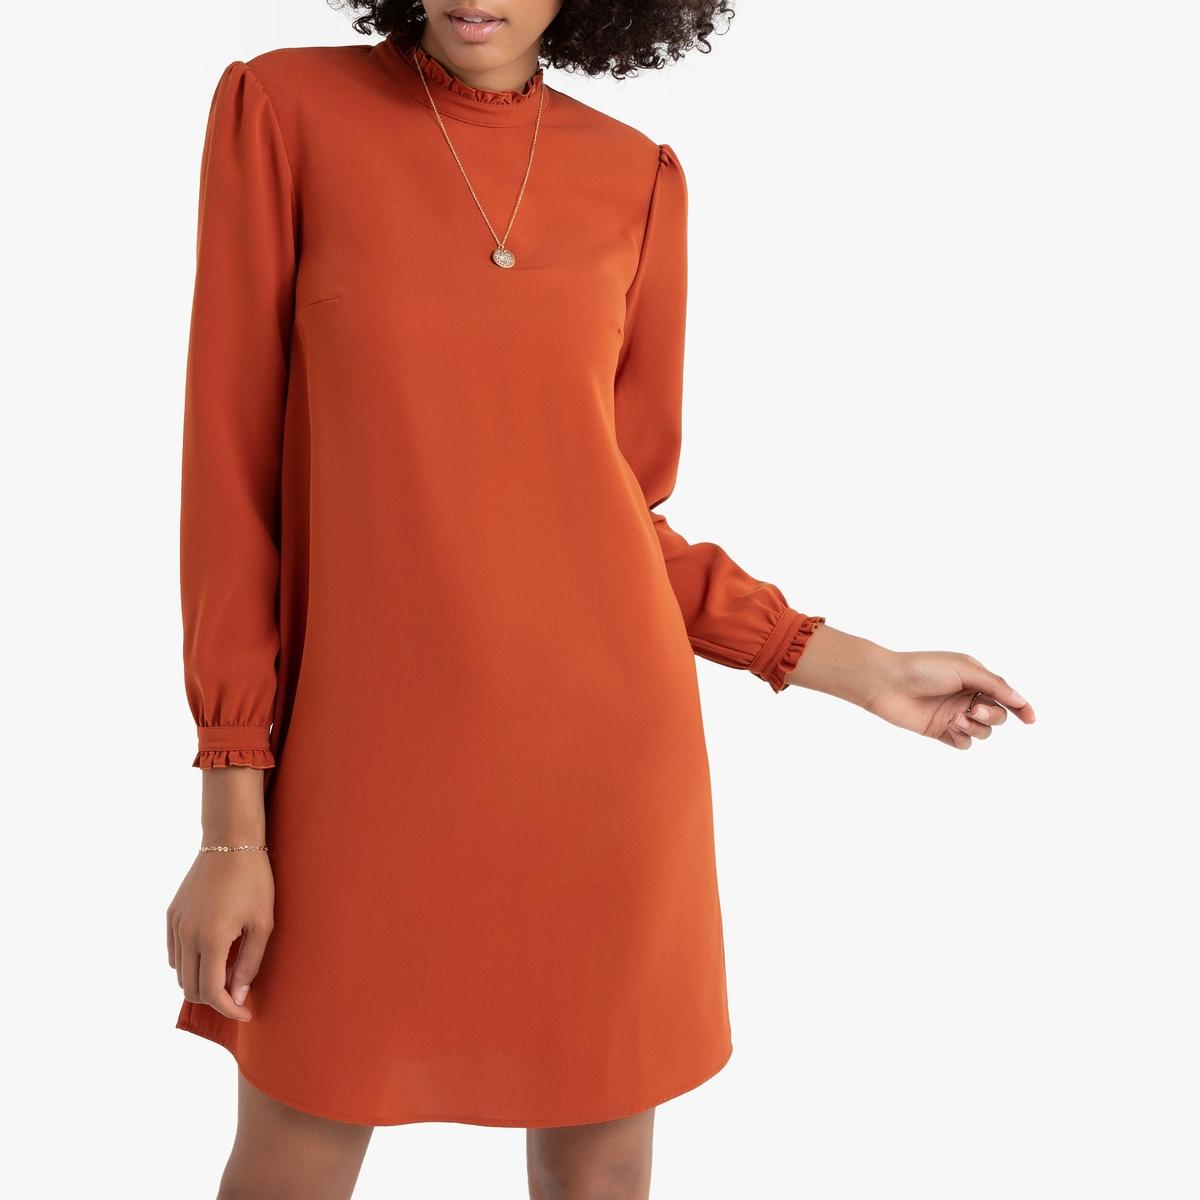 Платье La Redoute Прямое с воротником-стойкой и воланами длинные рукава 38 (FR) - 44 (RUS) красный